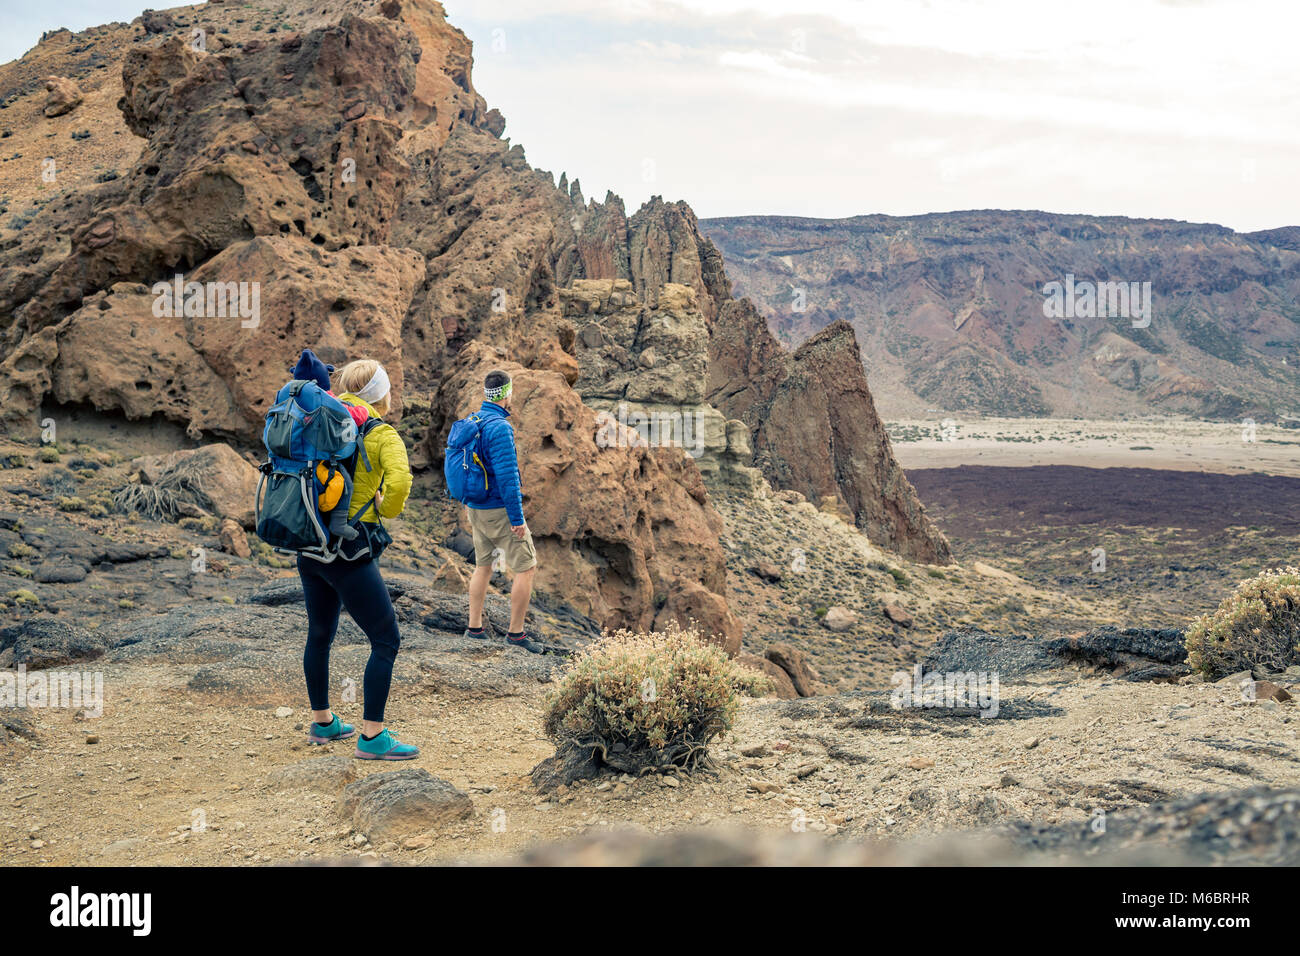 Familie wandern mit Baby boy in Rucksack reisen. Wandern Abenteuer mit Kind auf Herbst Familie Reise in die Berge. Stockbild